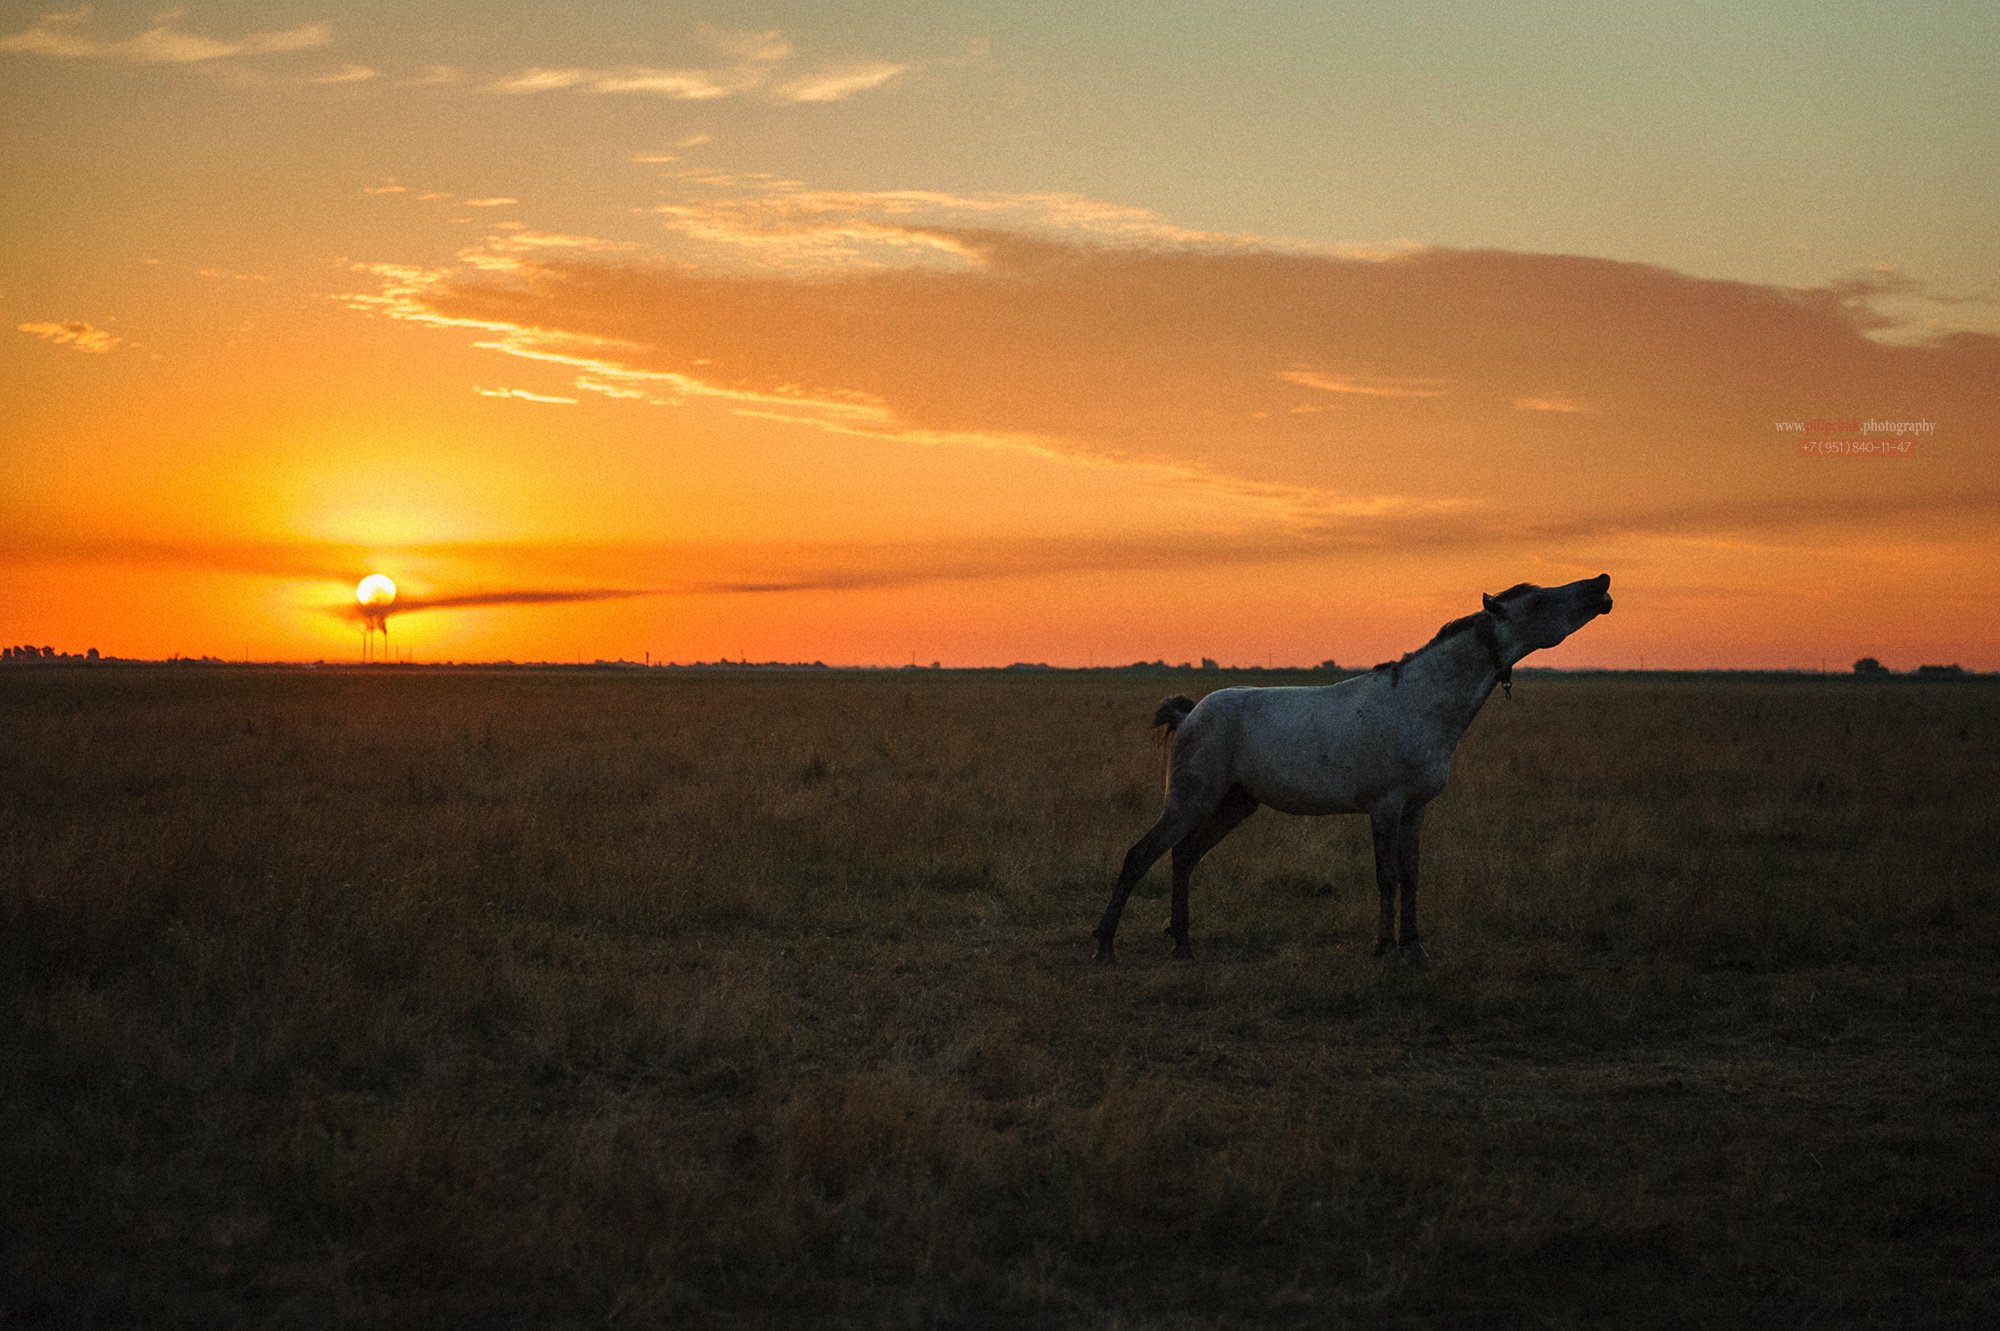 лошадь, пейзаж, восход солнца, в поле лошадь, Пилипчук Константин